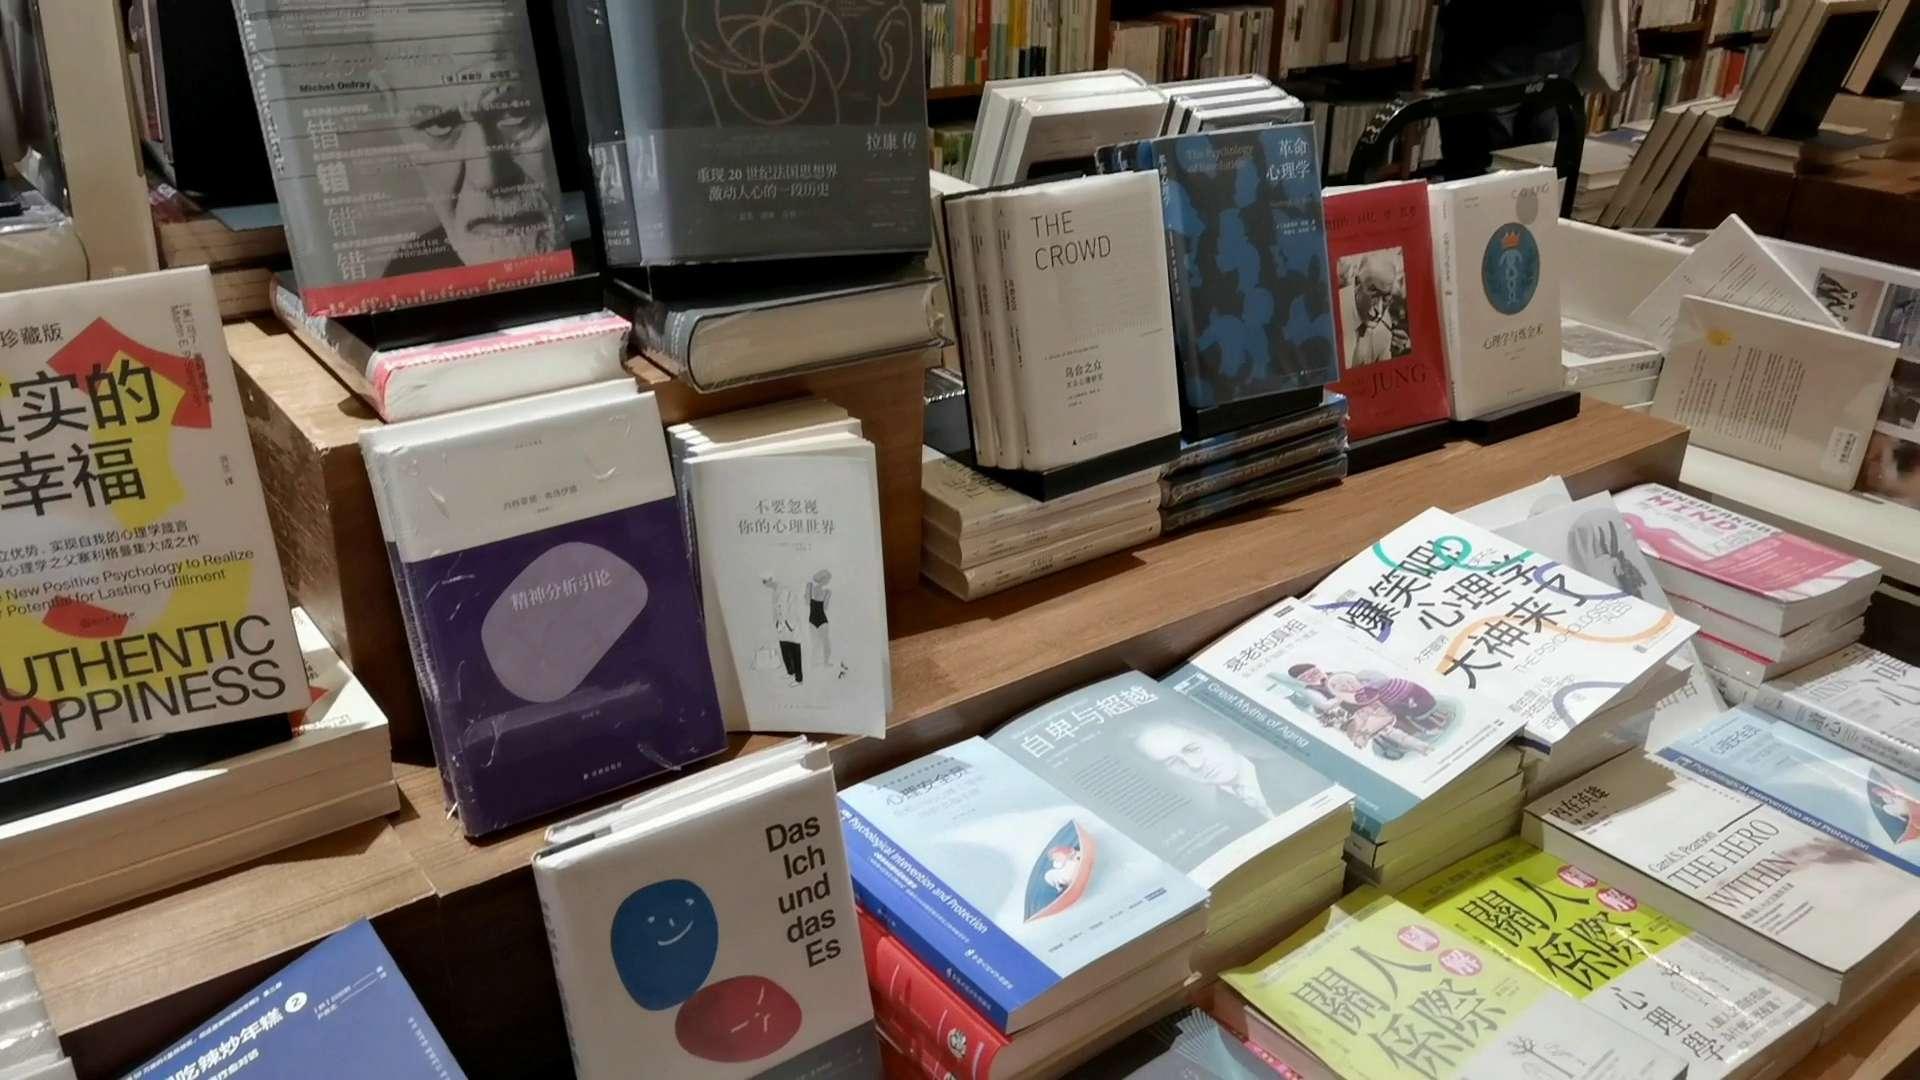 走进书店探寻知识的海洋,花粉随手拍-花粉俱乐部